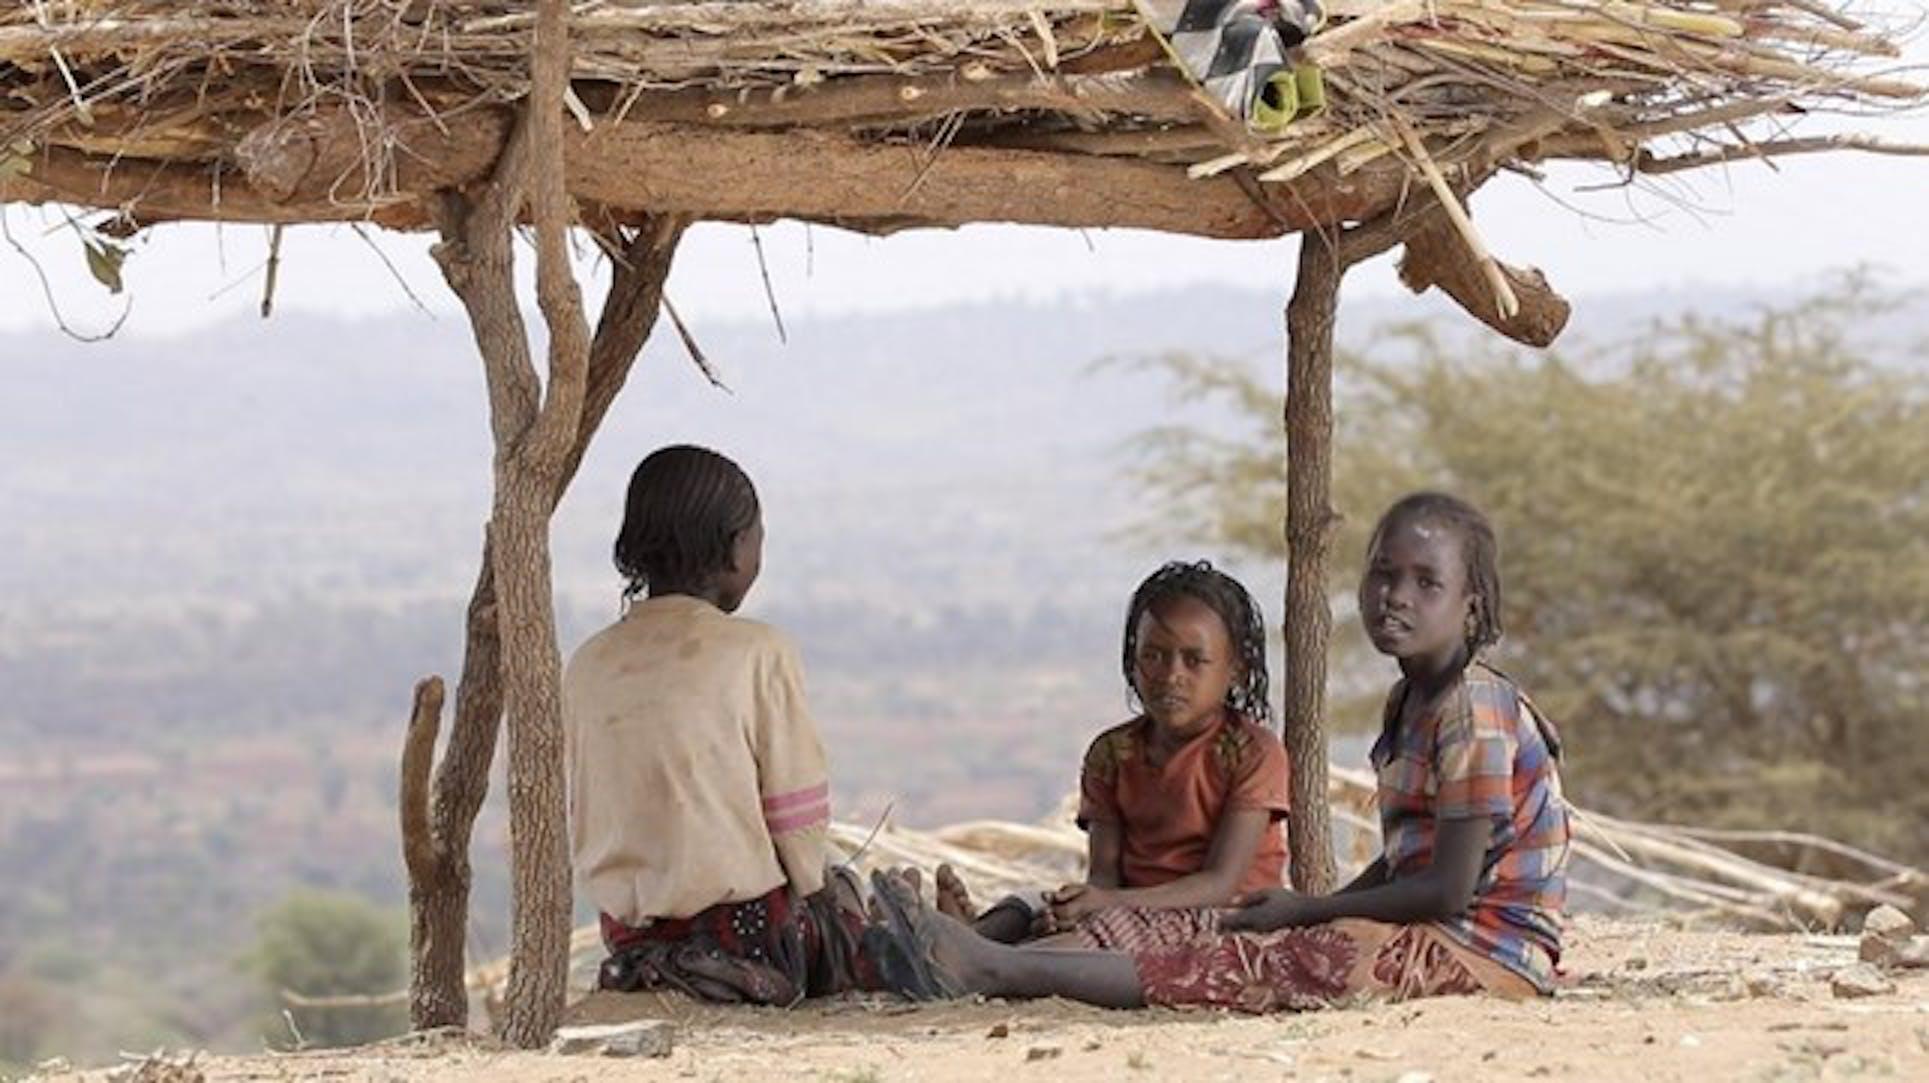 Bambini sfollati si riparano sotto una capanna di legno e paglia, in Etiopia